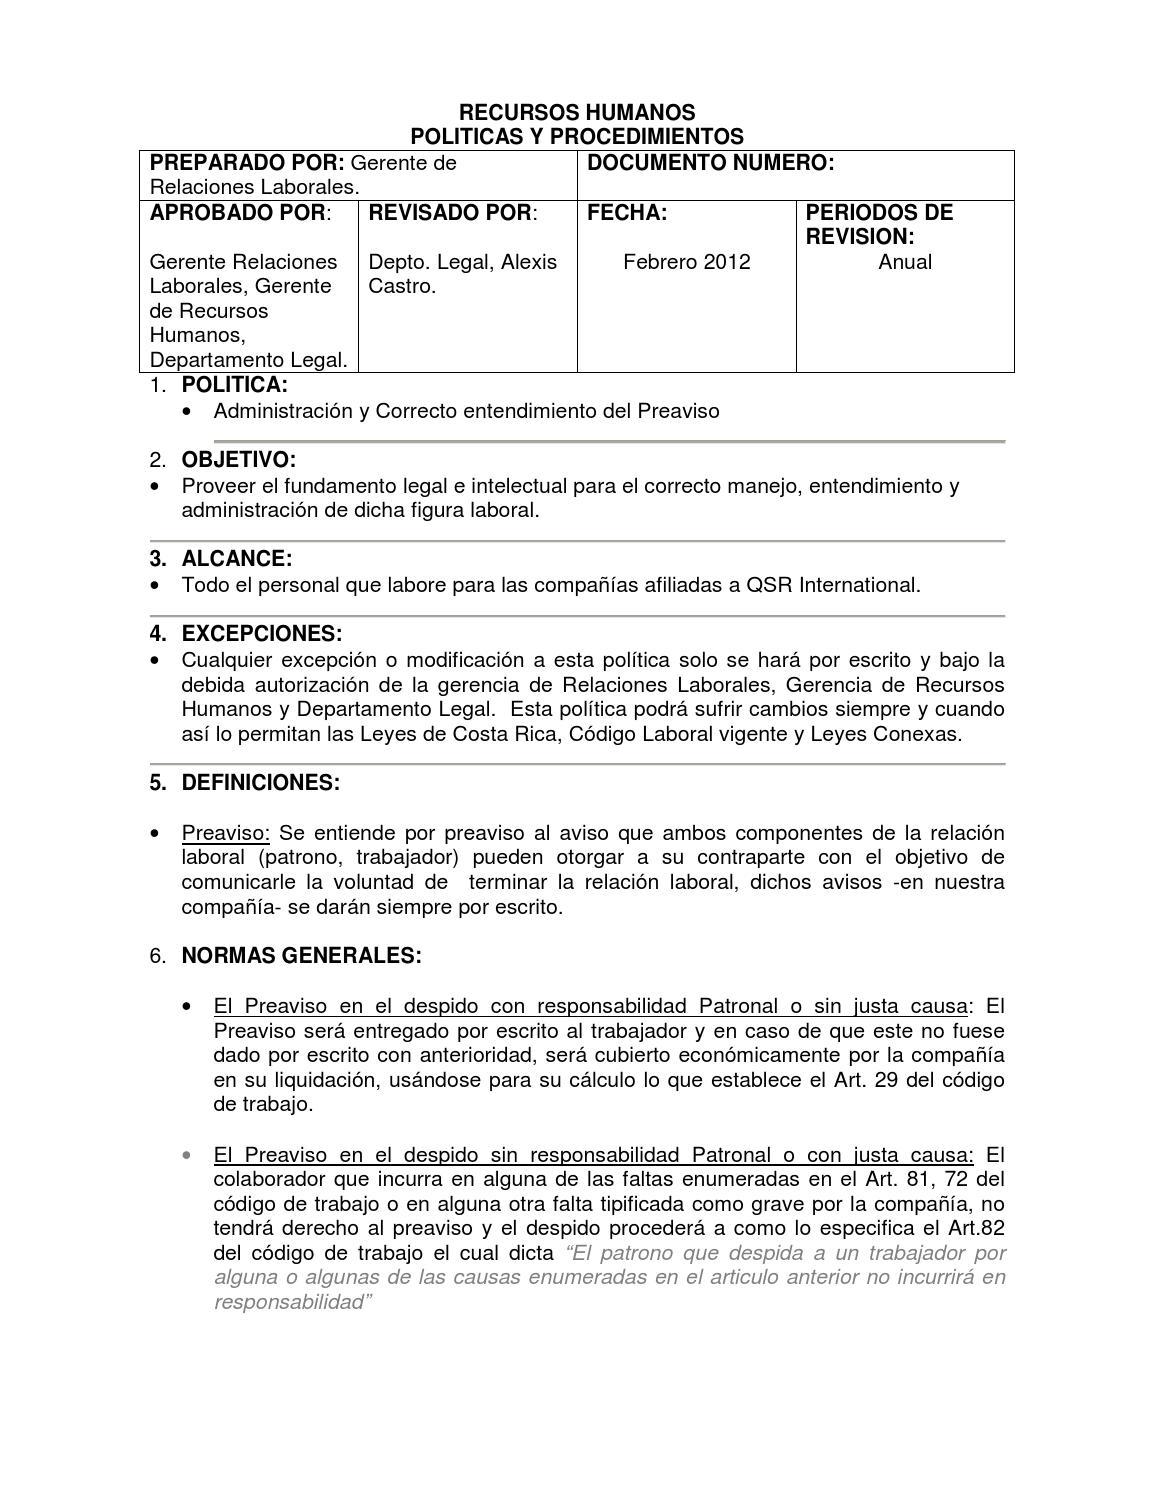 Politica preaviso by RH Intelectiva - issuu